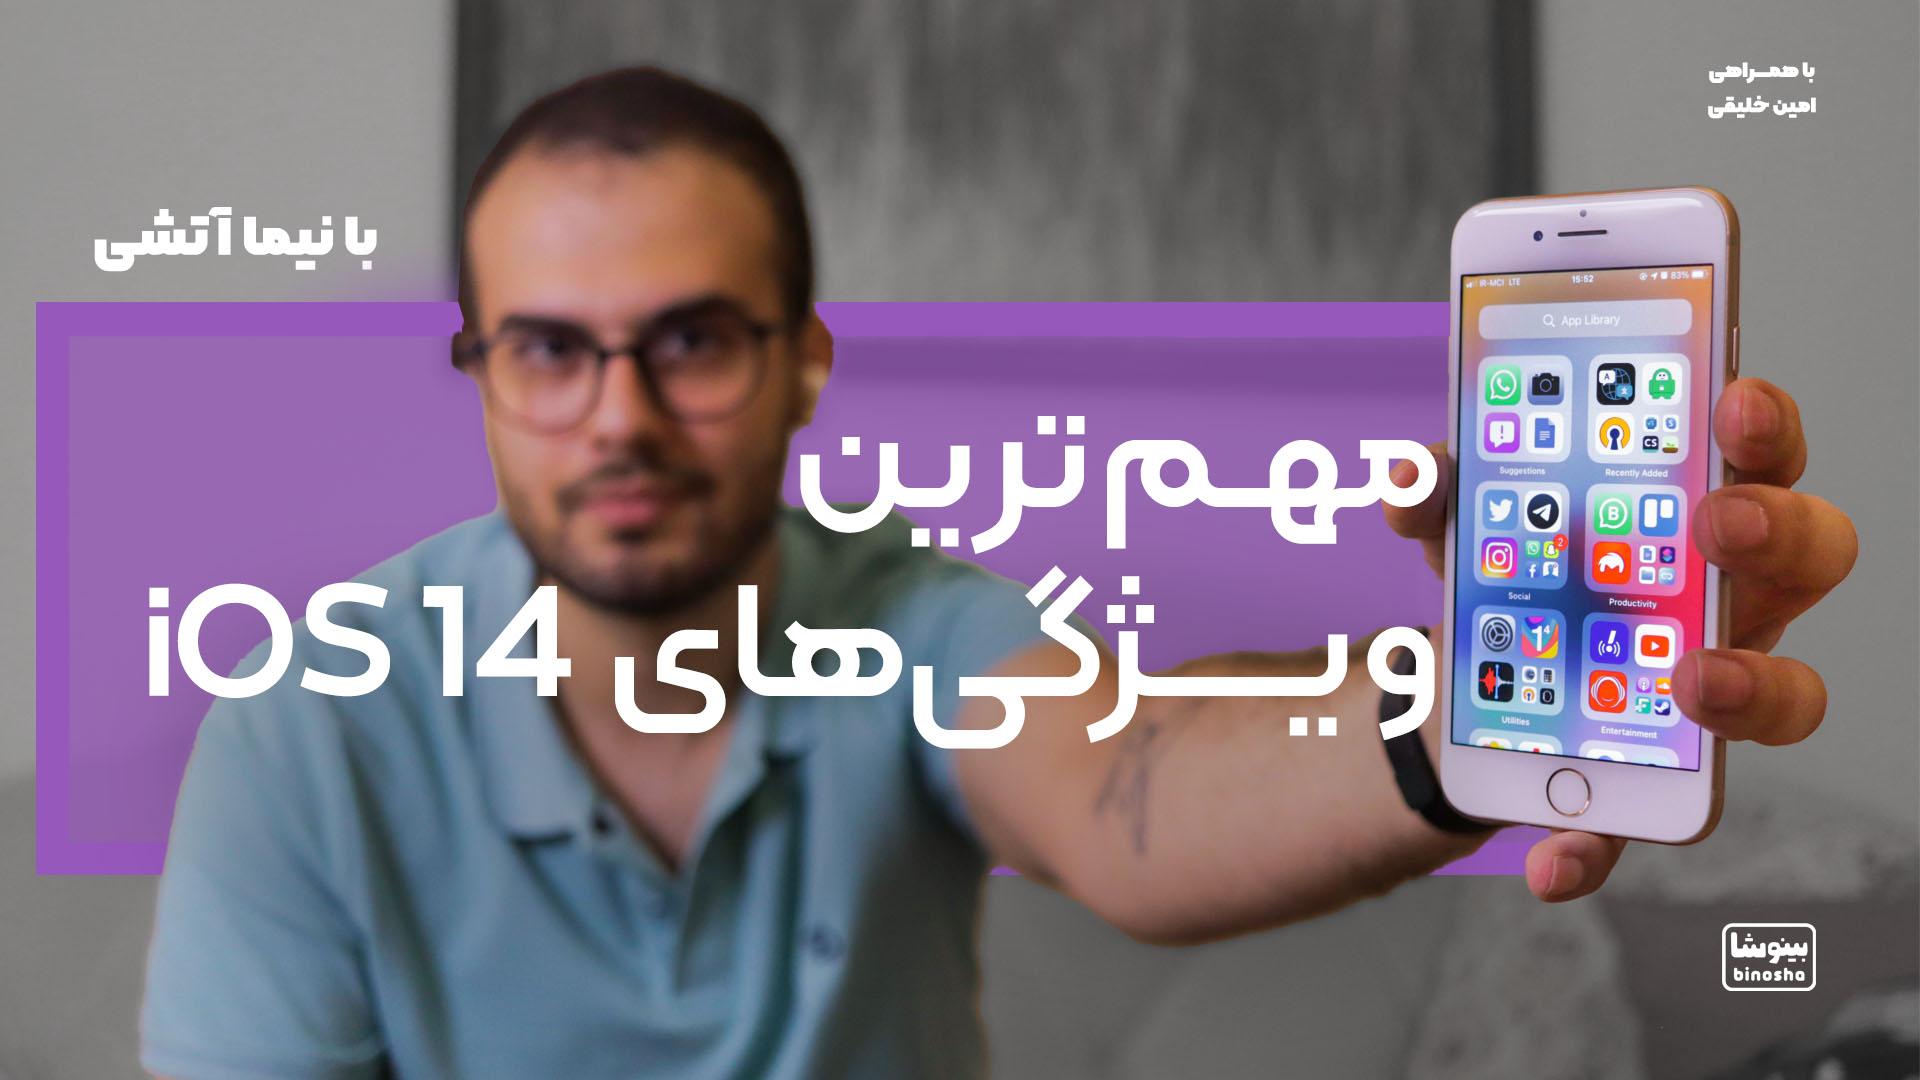 نگاه نزدیک به مهمترین ویژگیهای iOS 14 ( اپل از گوگل و اندروید کپی کرده؟ )